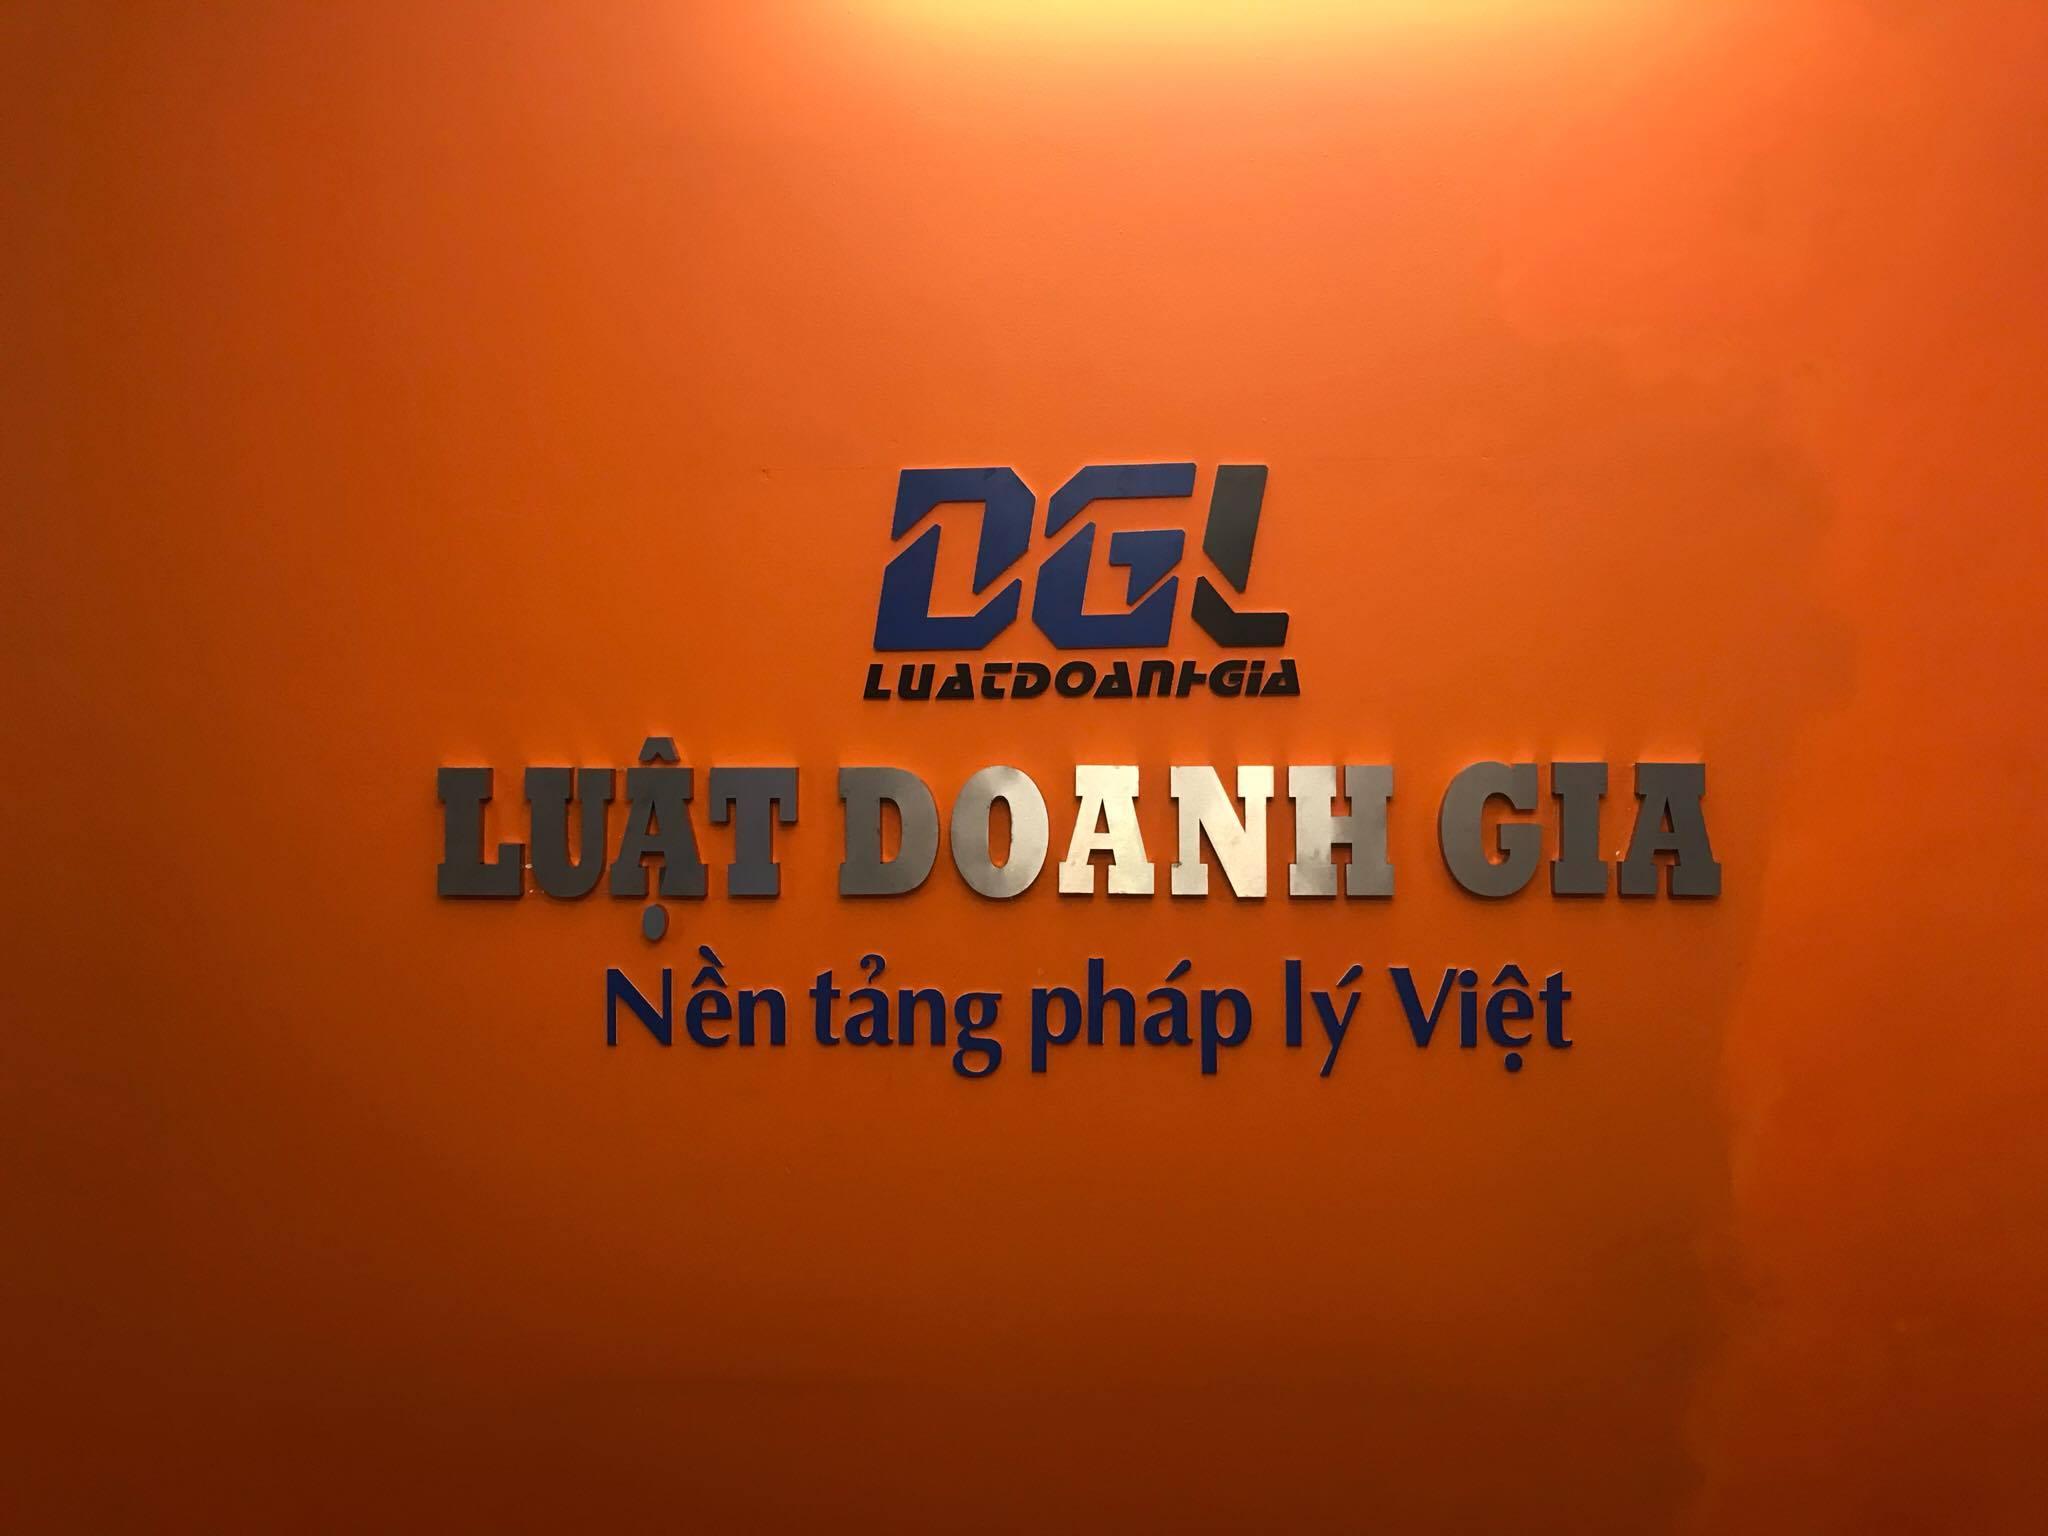 Luật Doanh Gia 72 Ngô Gia Tự, Long Biên, Hà Nội